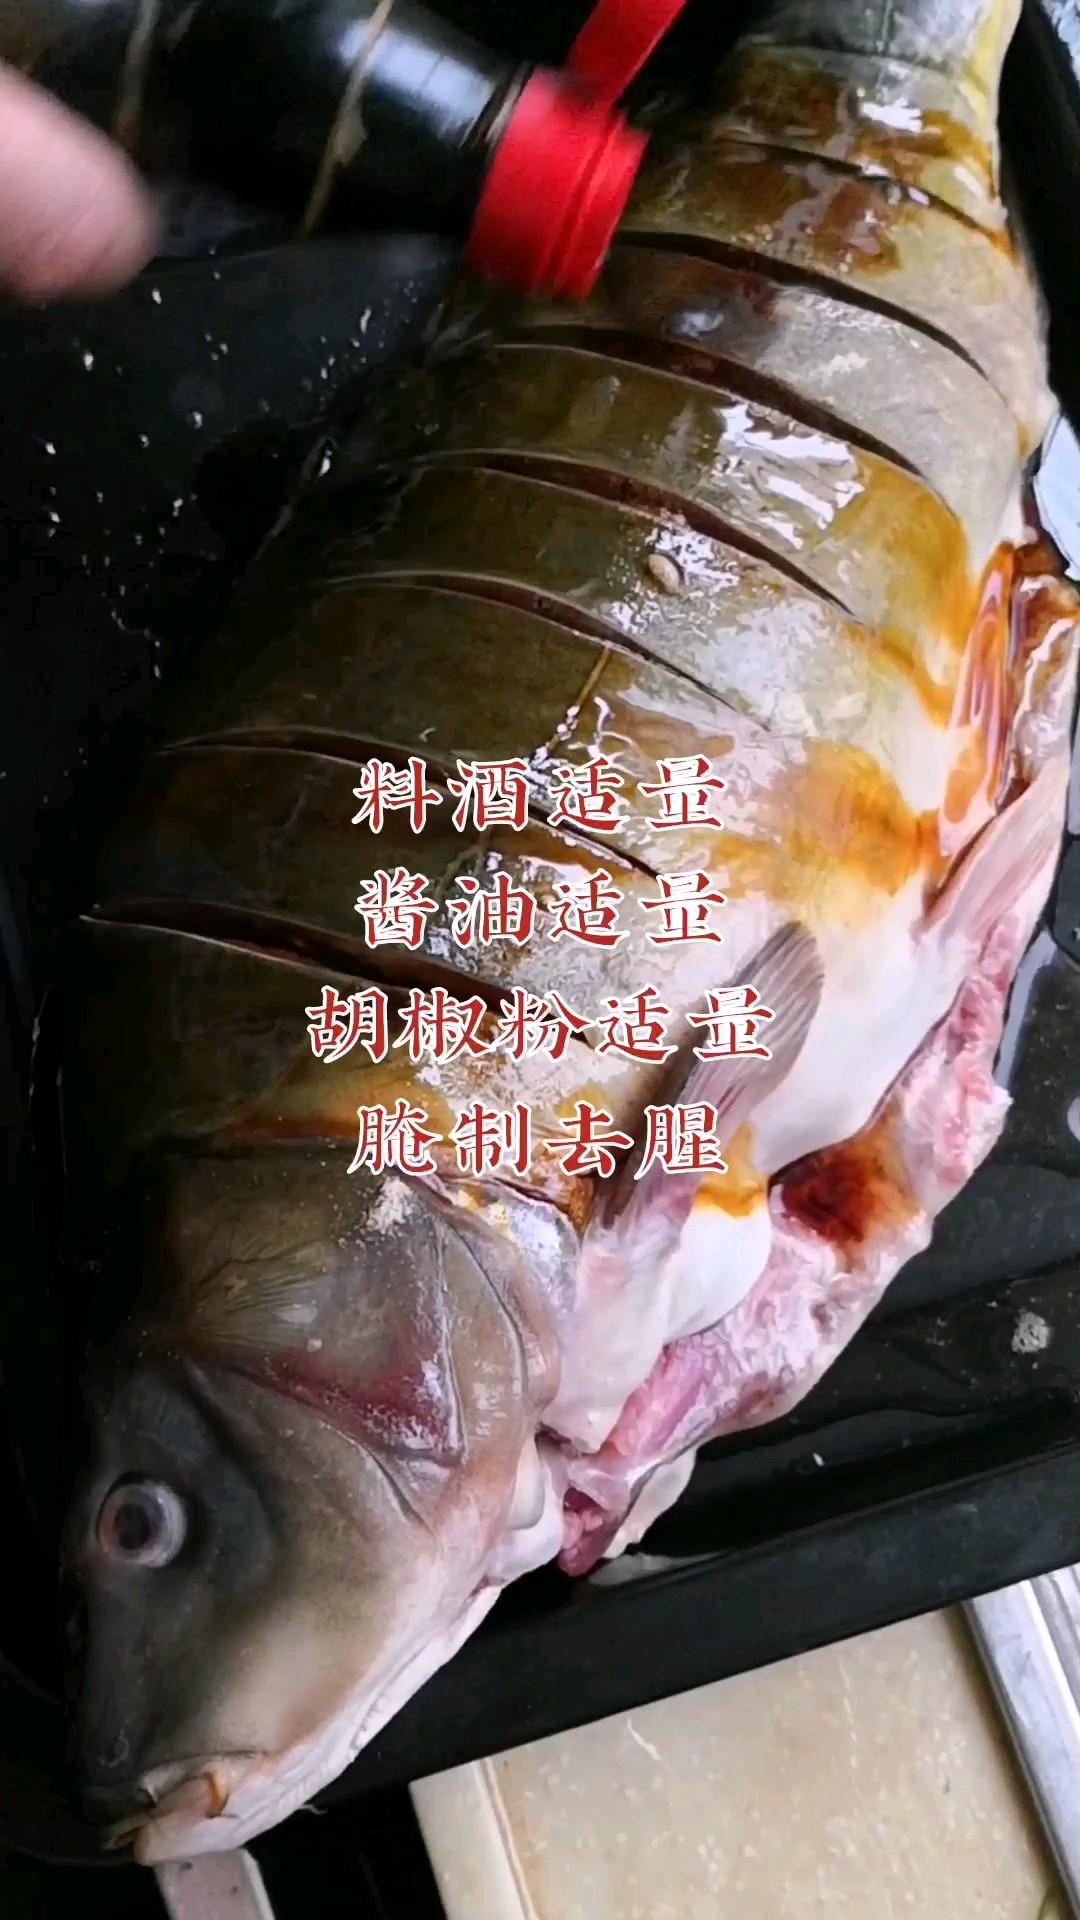 鲜辣够味儿的烤鱼的做法大全